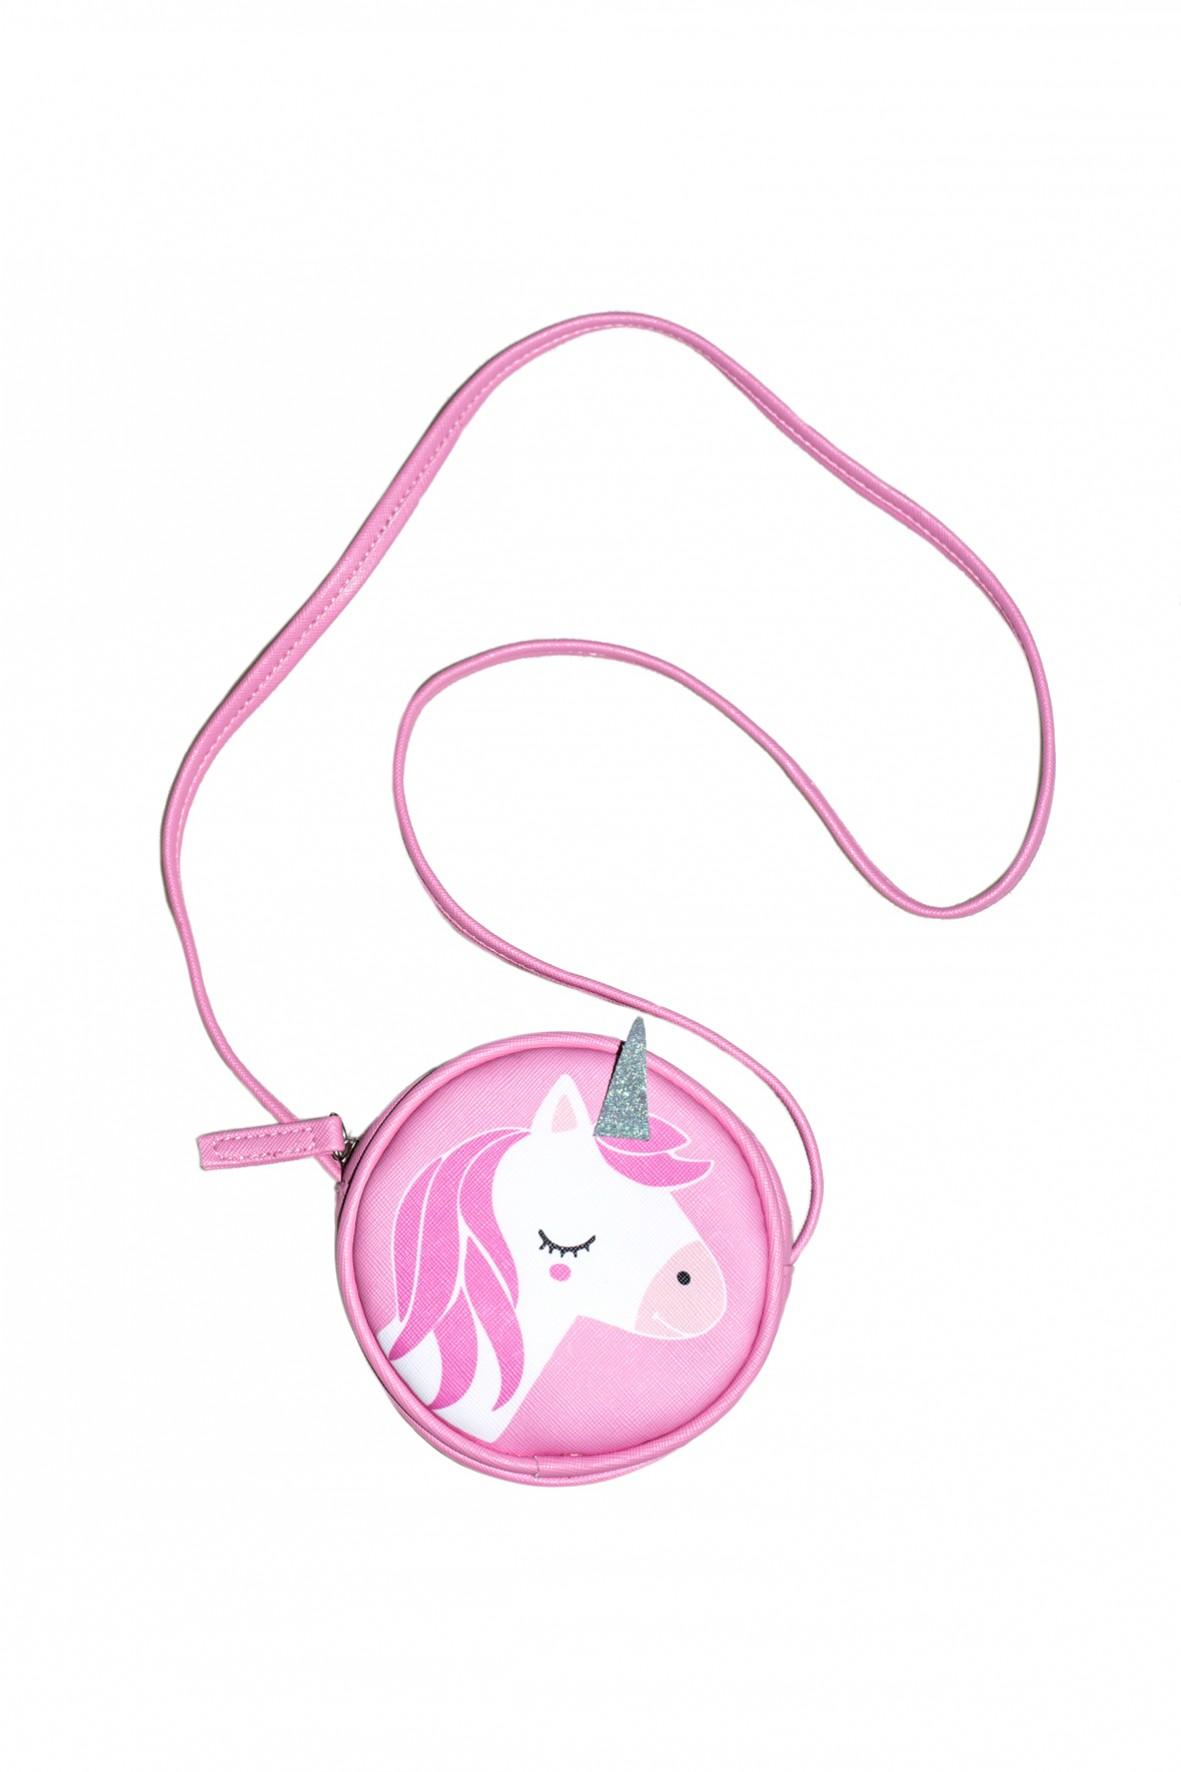 03f077e7e6e90 Różowa torebka dla dziewczynki z jednorożcem. Musisz mieć!